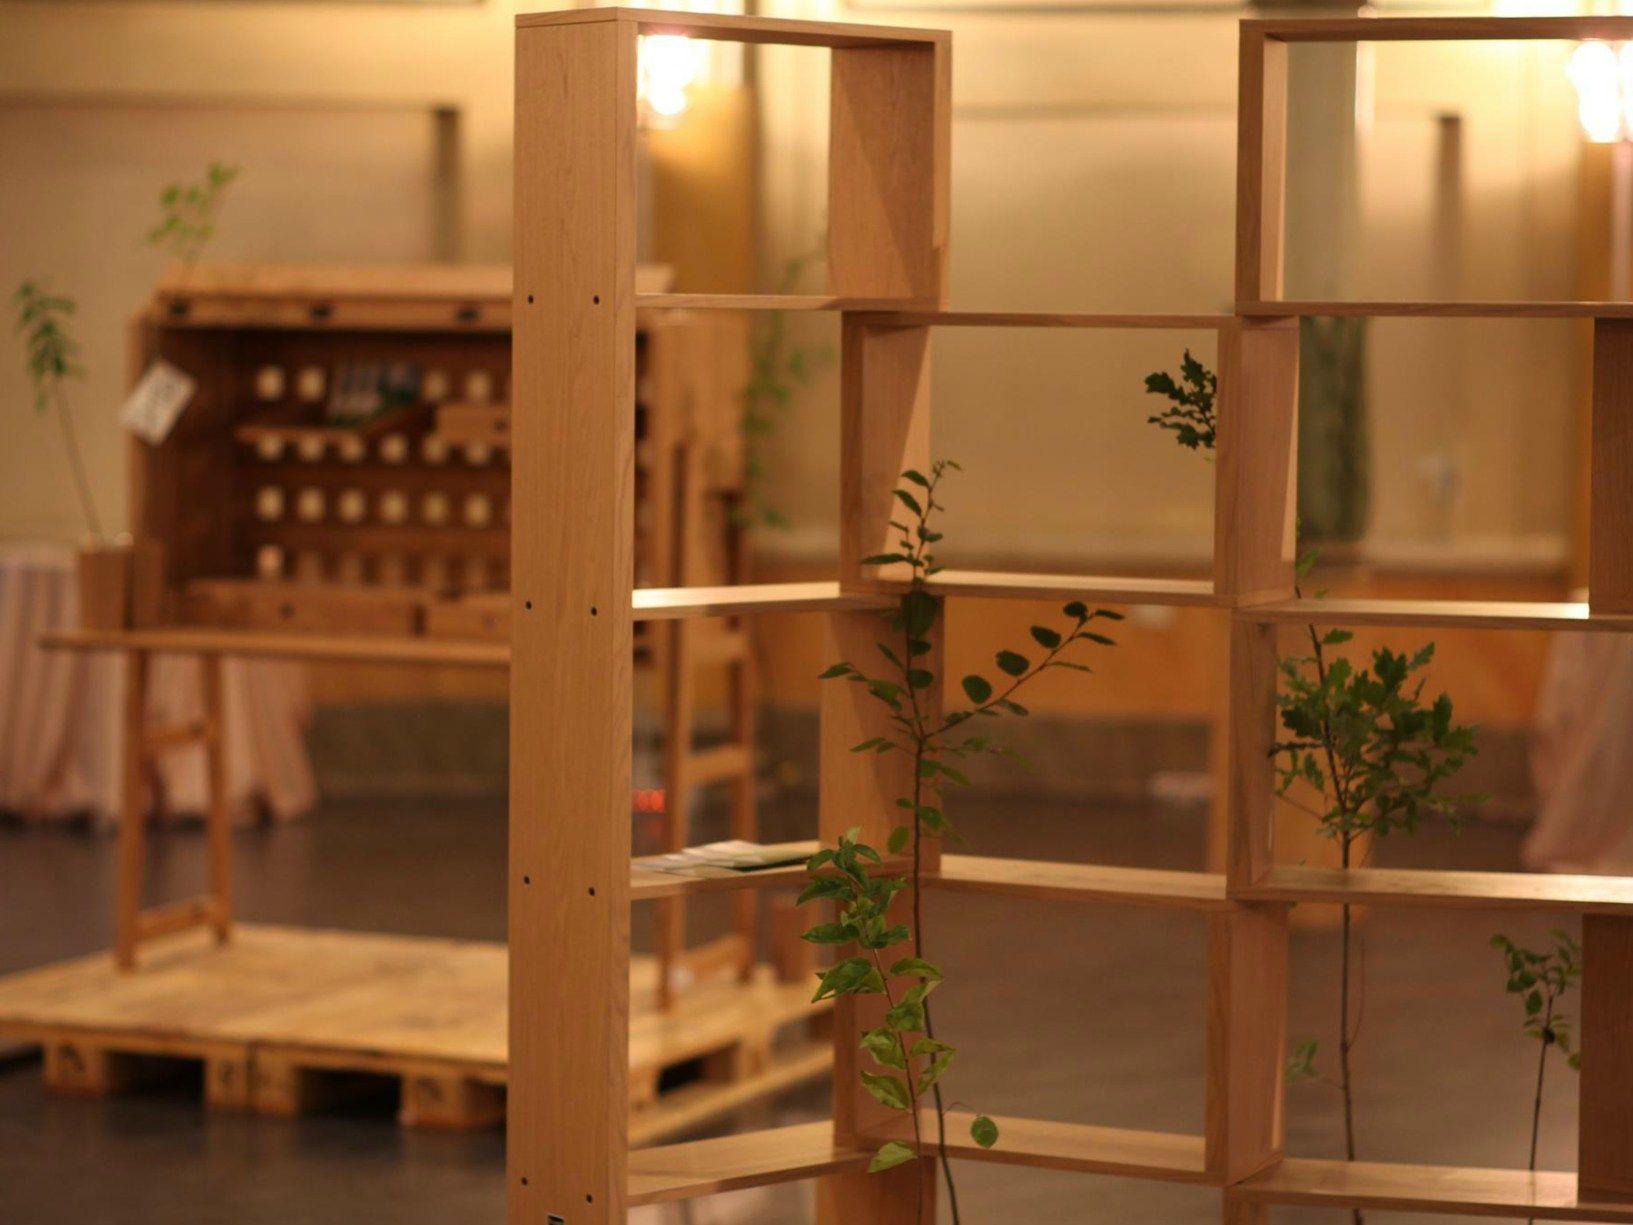 Al via la seconda edizione del concorso La foresta in una stanza